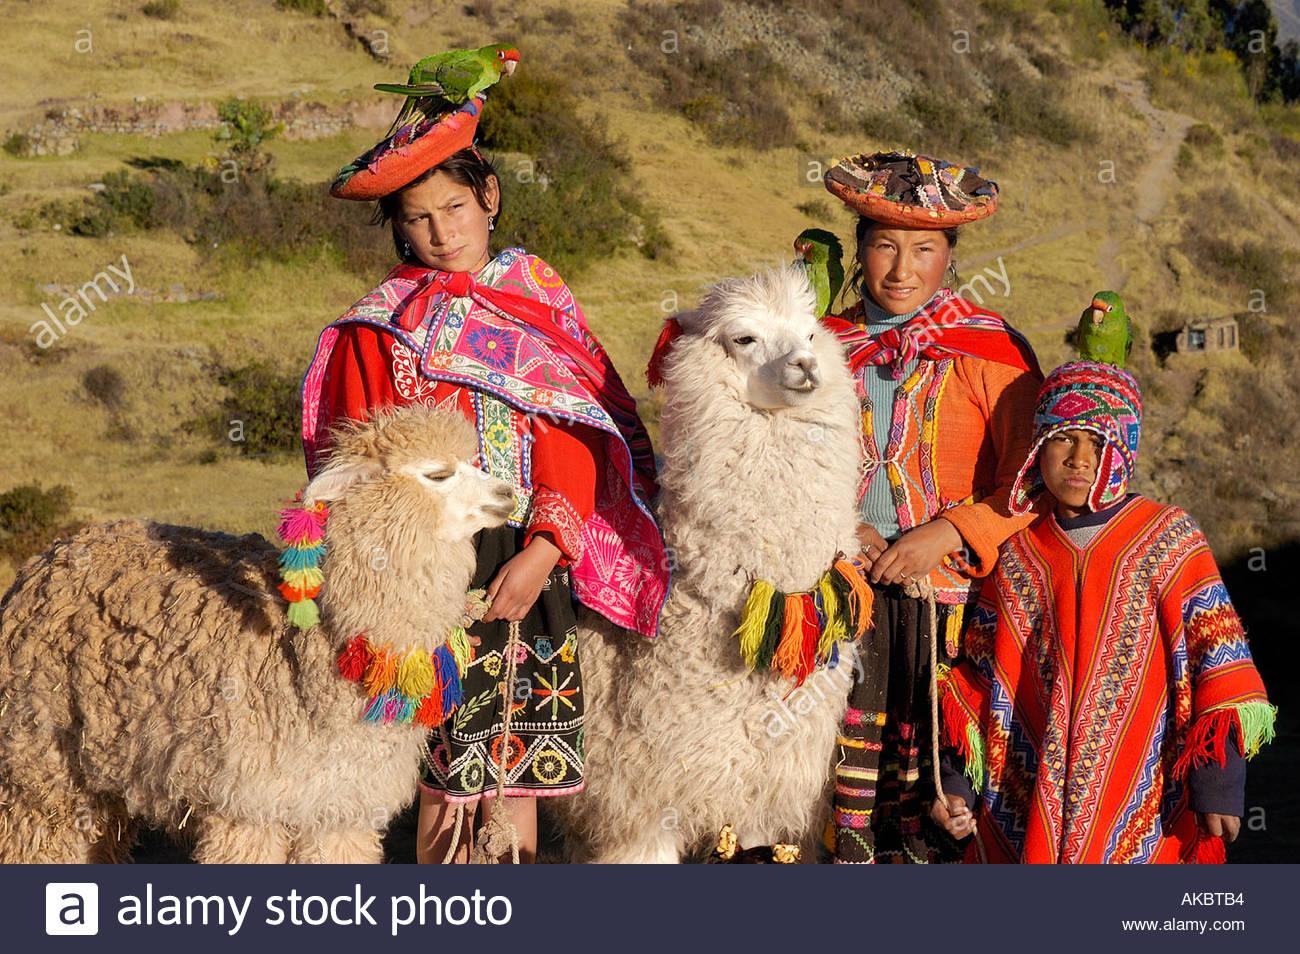 Les femmes avec enfant en costume national et Hat Holding lamas au Pérou Photo Stock